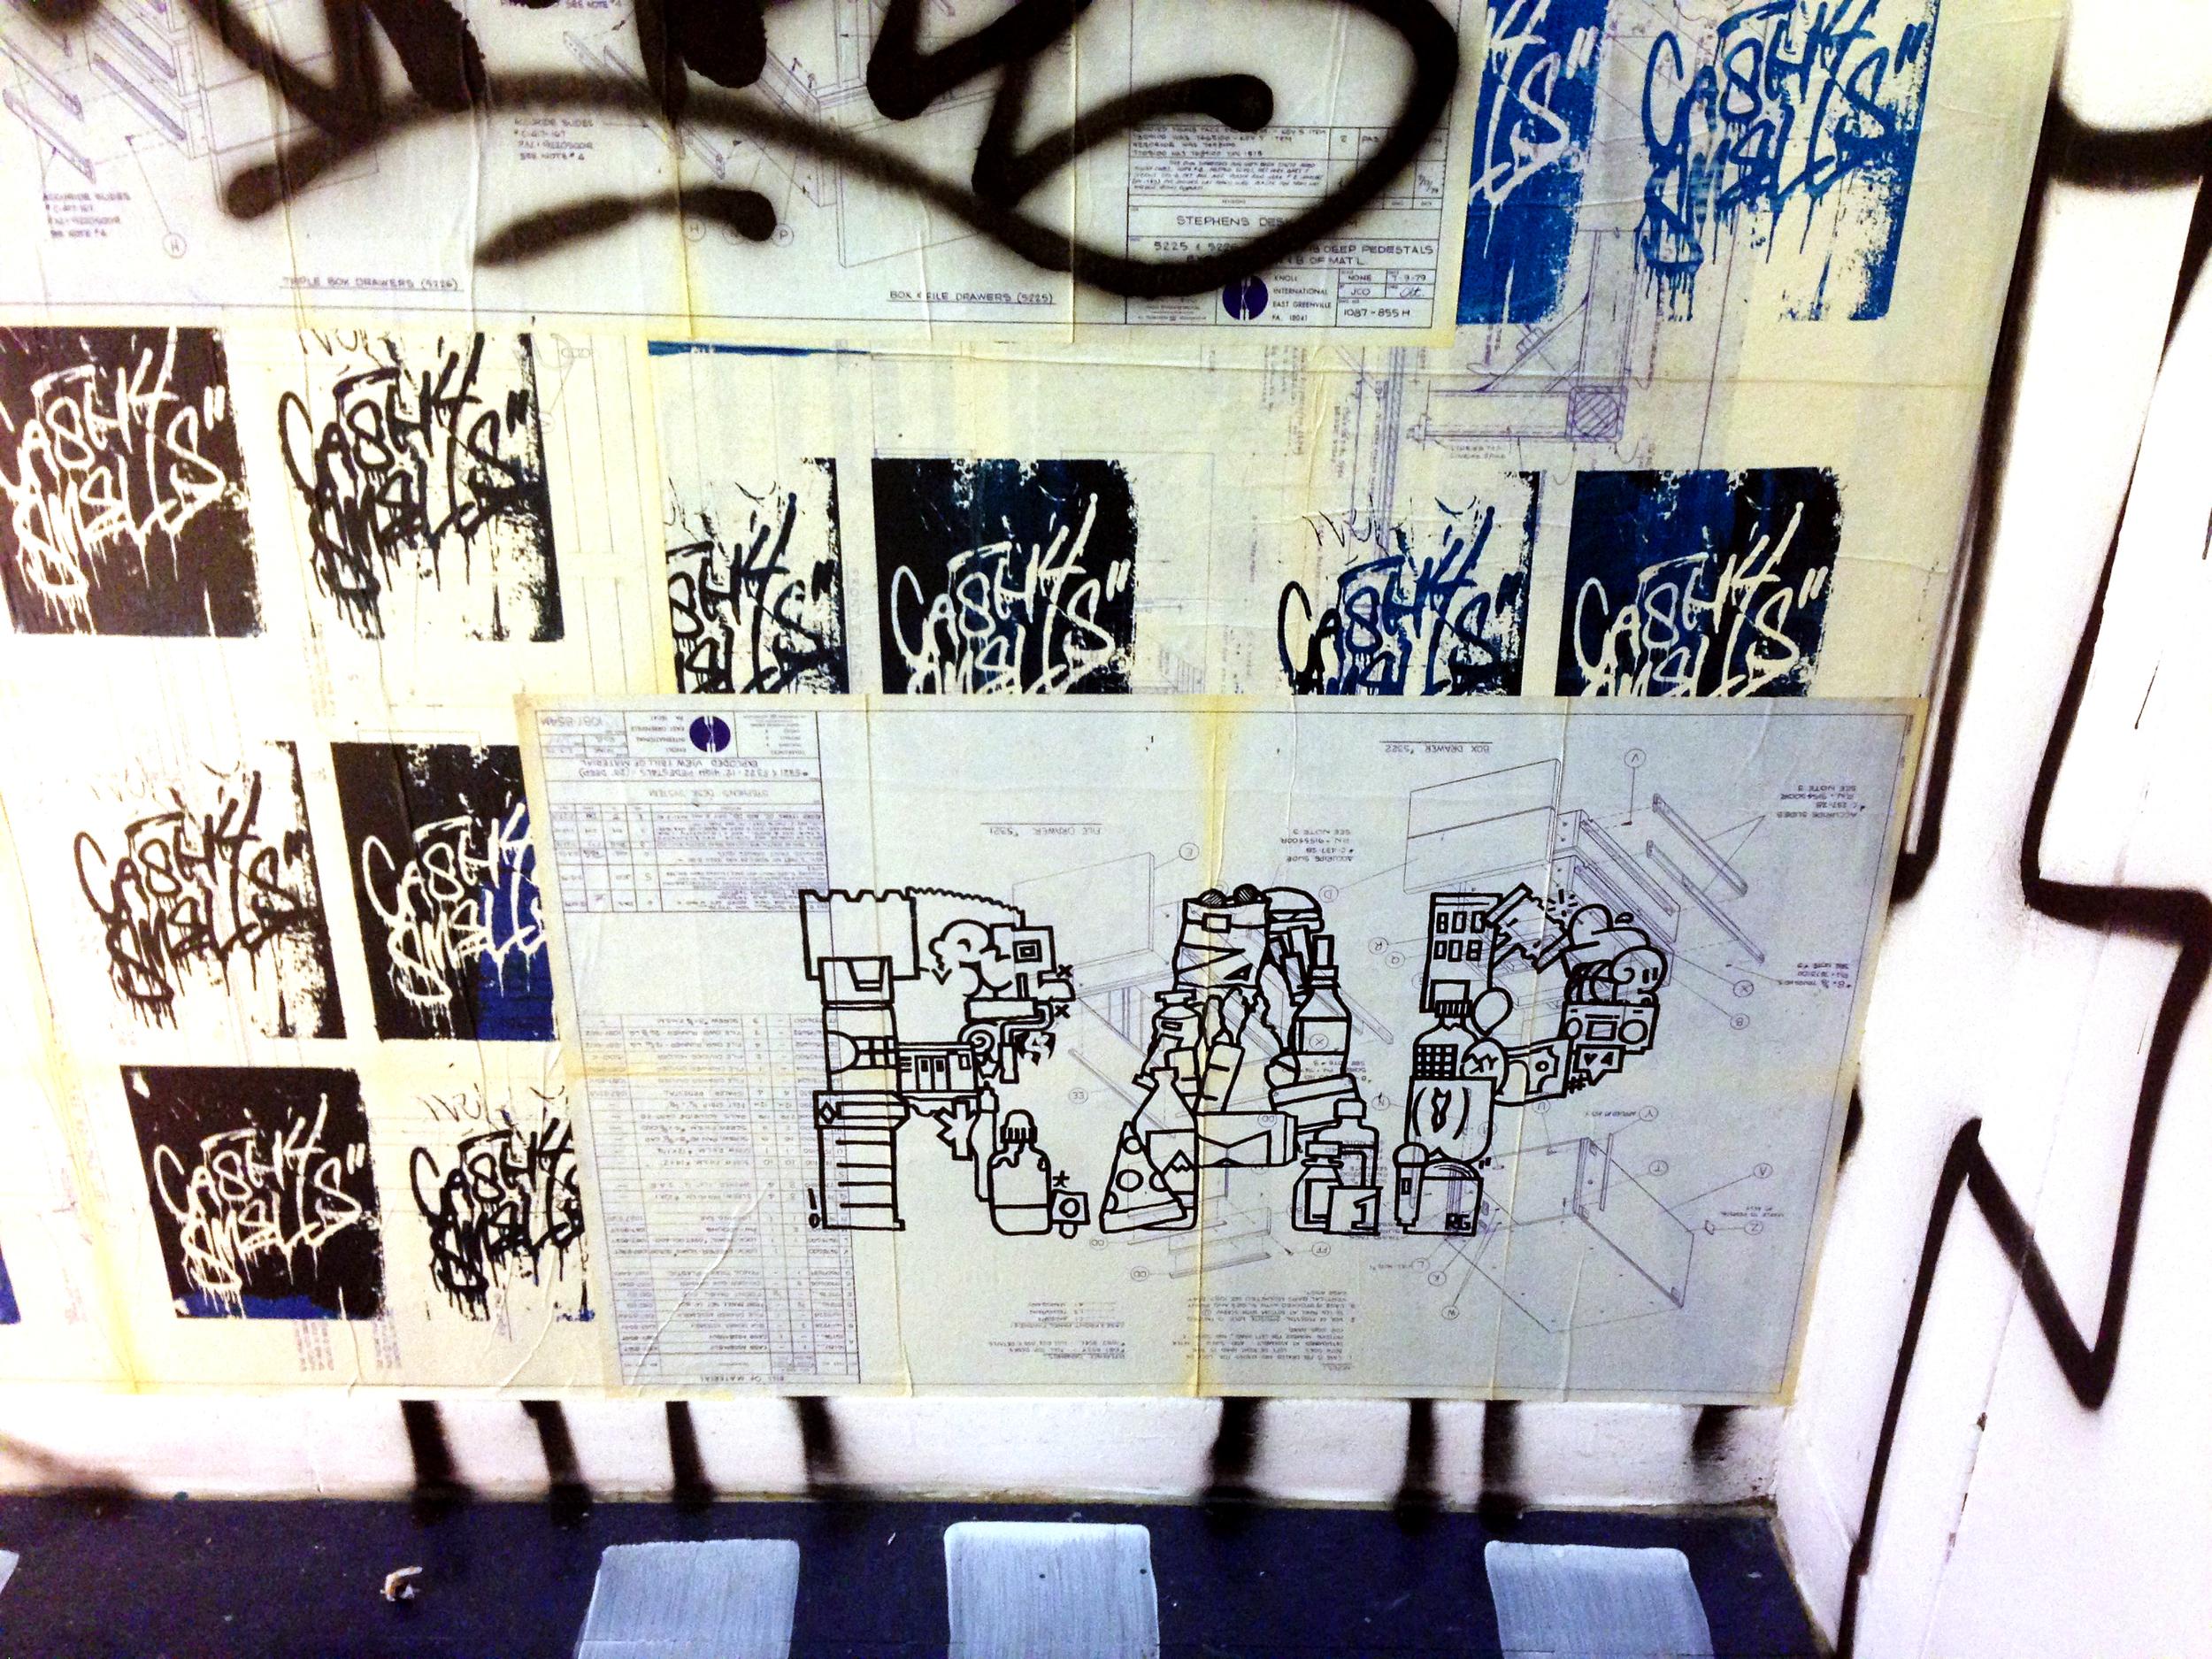 cash4 smells rap gang - elevated locals